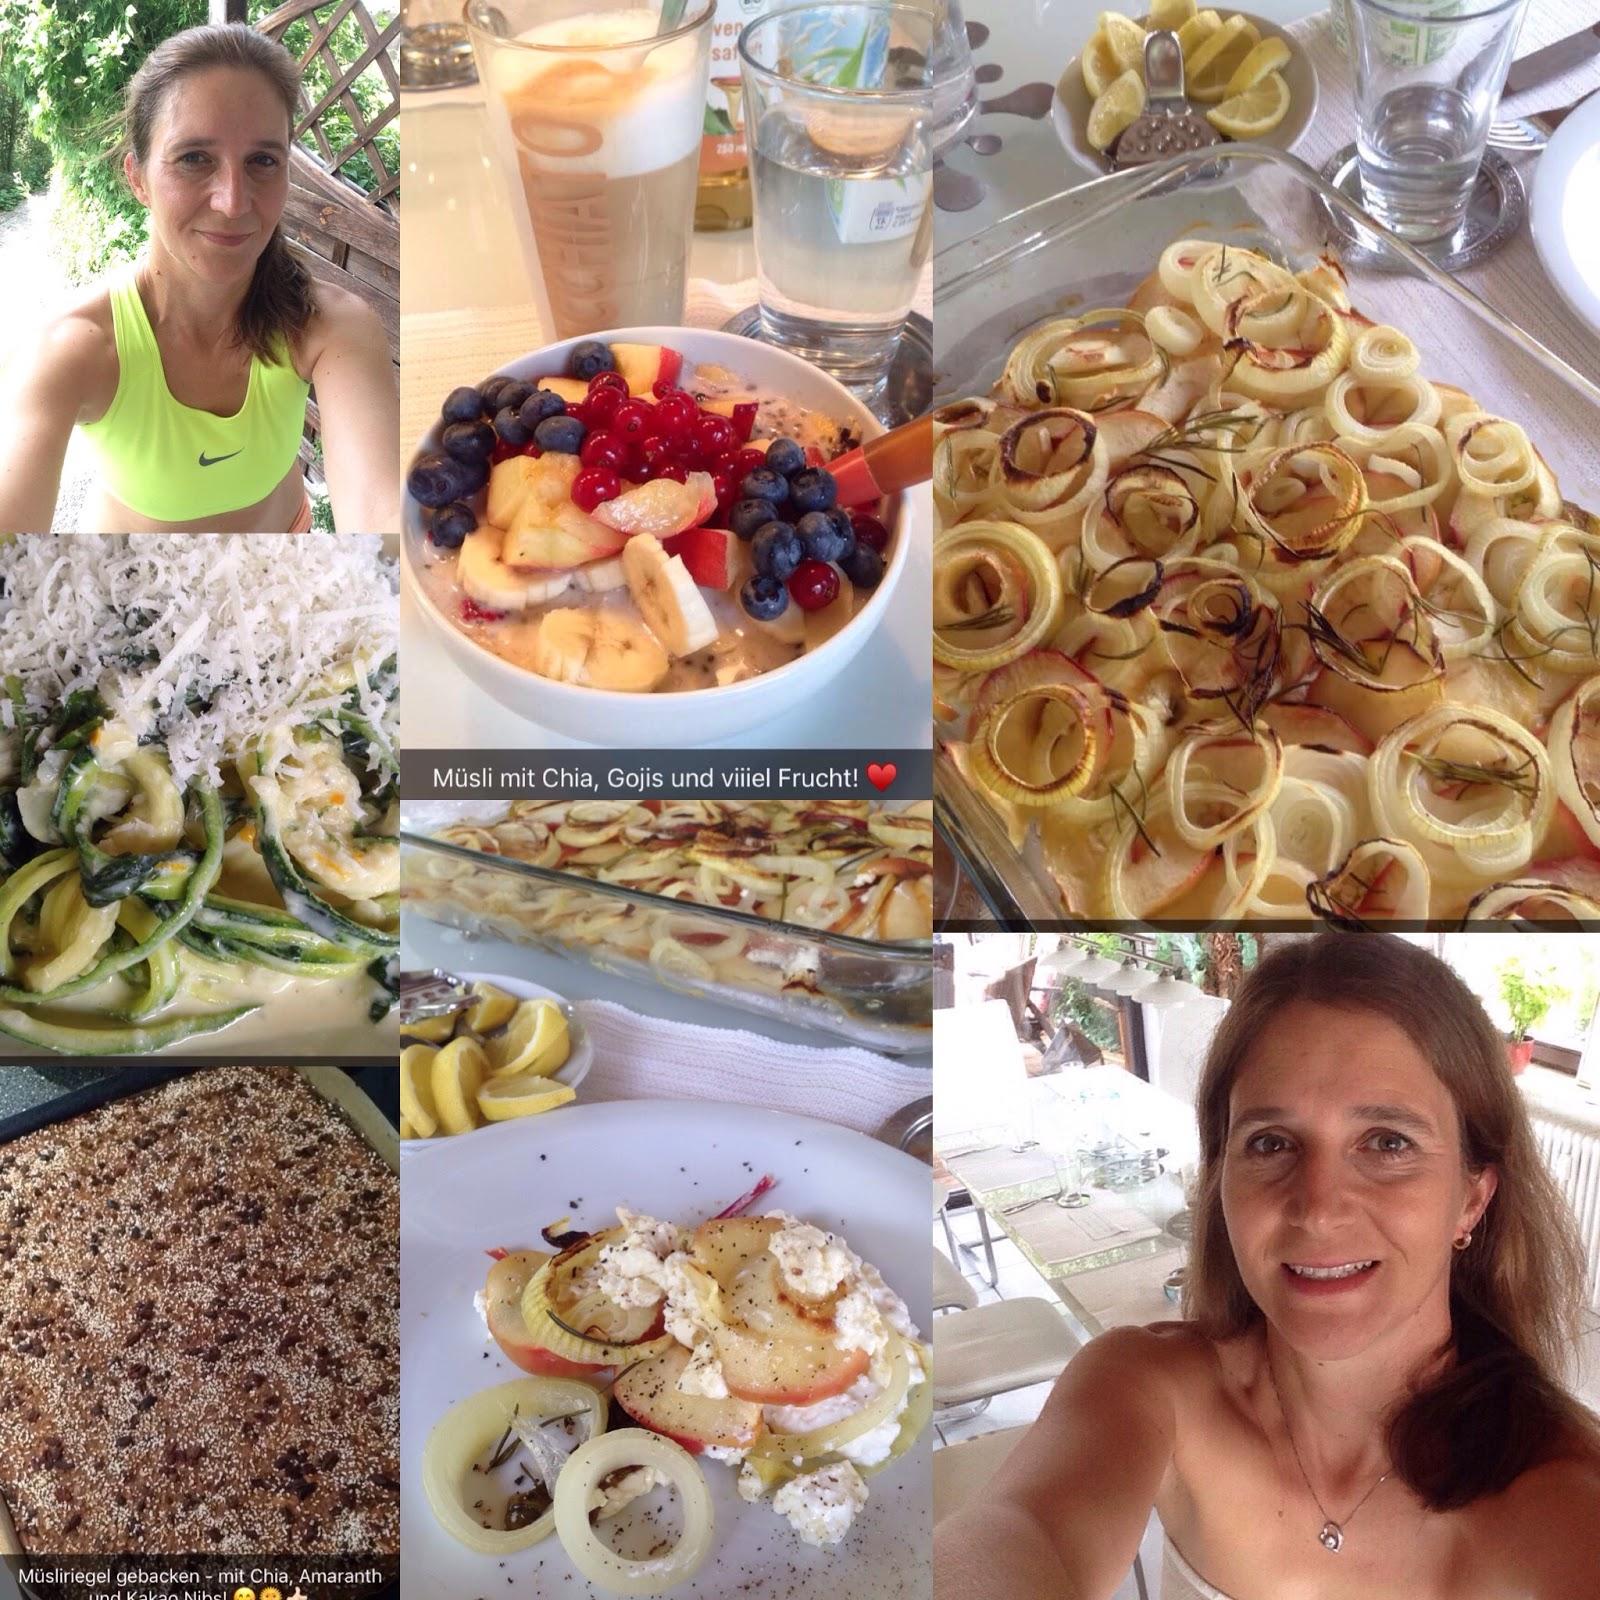 Sugarprincess: Speiseplan für die letzte Februarwoche: Gesunde, schnelle, sportliche Gerichte!